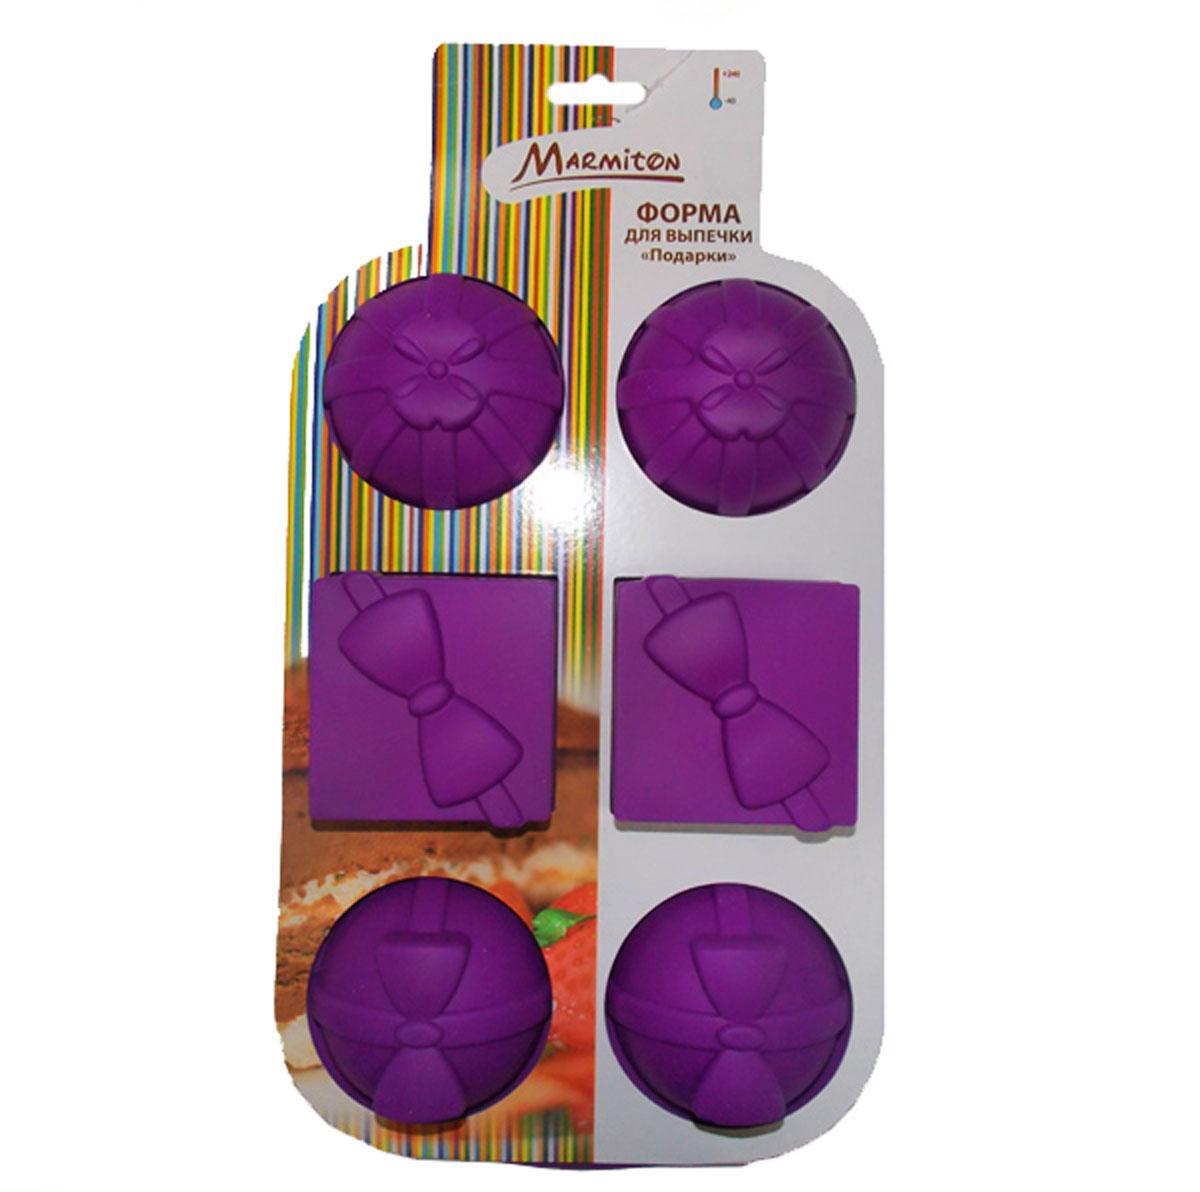 Форма для выпечки Marmiton Подарки, силиконовая, 27,5 х 18 х 3,5 см16083_фиолетовыйФорма для выпечки Marmiton Подарки, выполненная из силикона в виде различных фигур будет отличным выбором для всех любителей бисквитов и кексов. Форма обладает естественными антипригарными свойствами. Неприлипающая поверхность идеальна для духовки, морозильника, микроволновой печи и аэрогриля. Готовую выпечку или мармелад вынимать легко и просто. С такой формой вы всегда сможете порадовать своих близких оригинальным изделием. Материал устойчив к фруктовым кислотам, может быть использован в духовках и микроволновых печах (выдерживает температуру от 230°C до - 40°C). Можно мыть и сушить в посудомоечной машине.